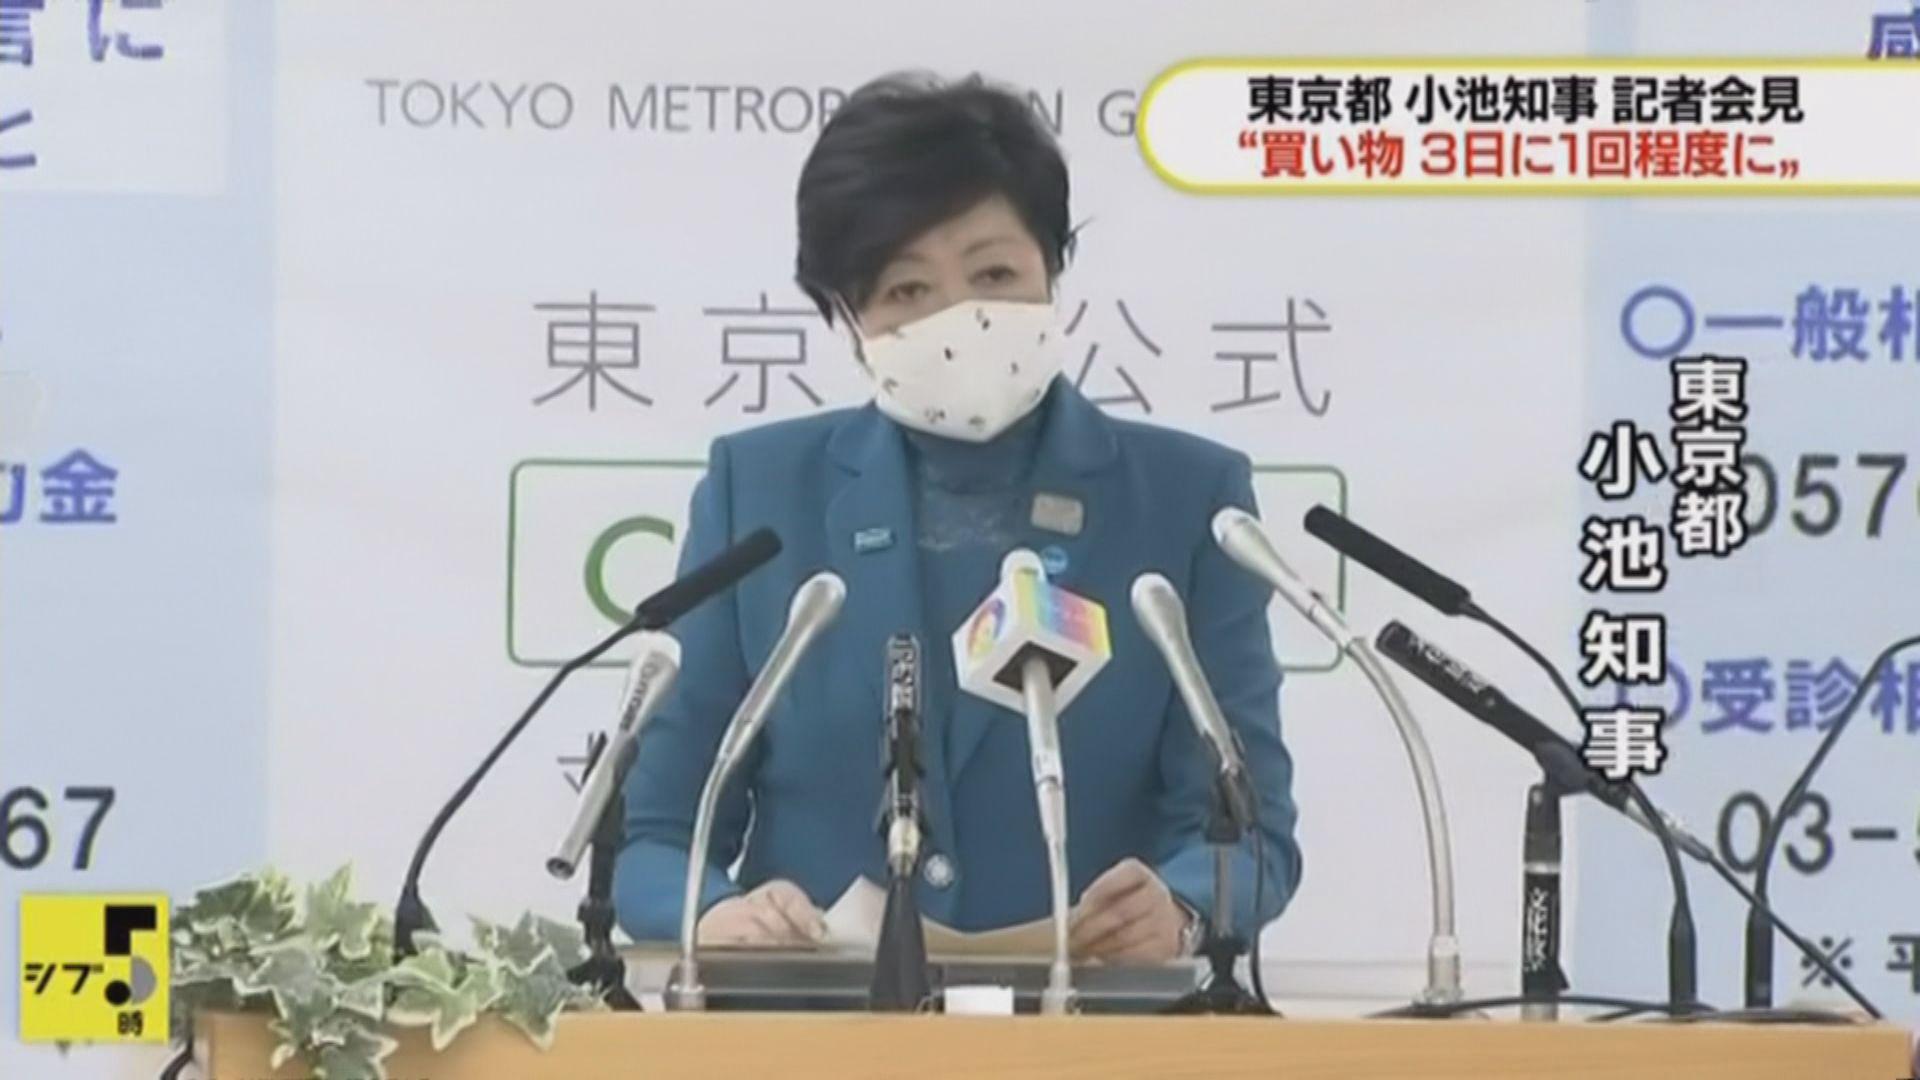 日本東京都要求居民三天出外購物一次